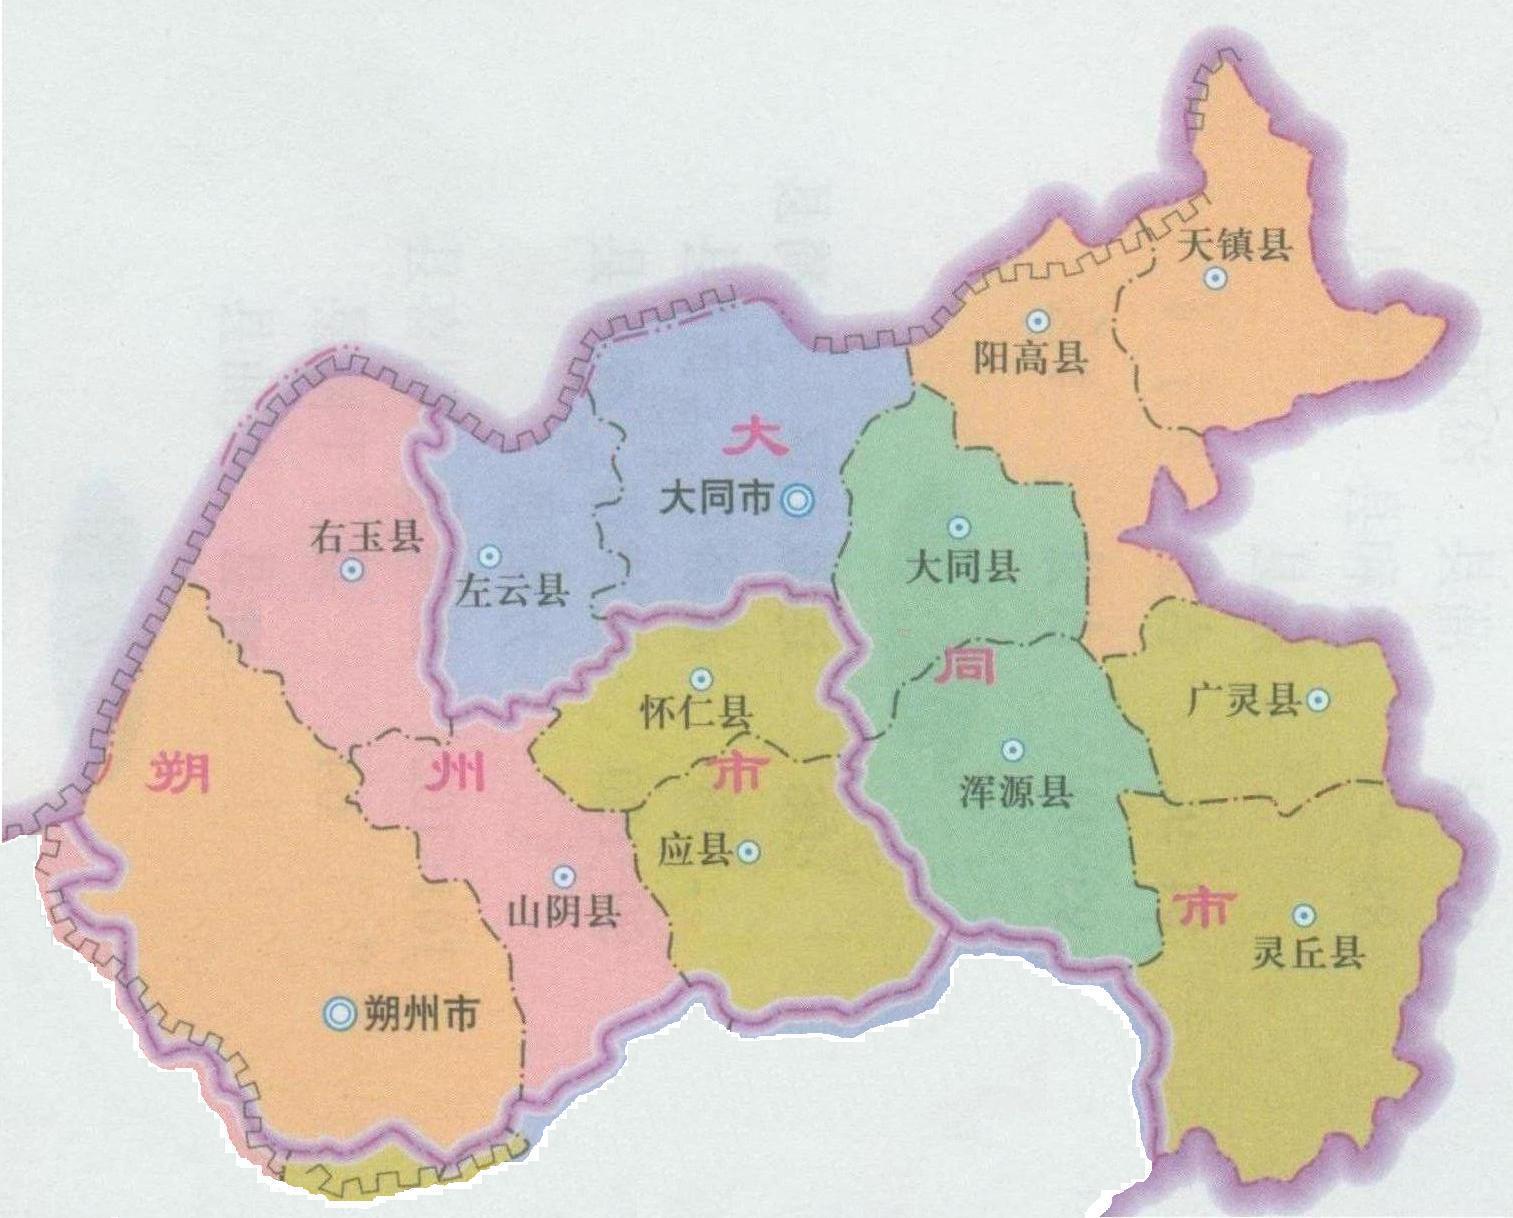 雁北专区地图